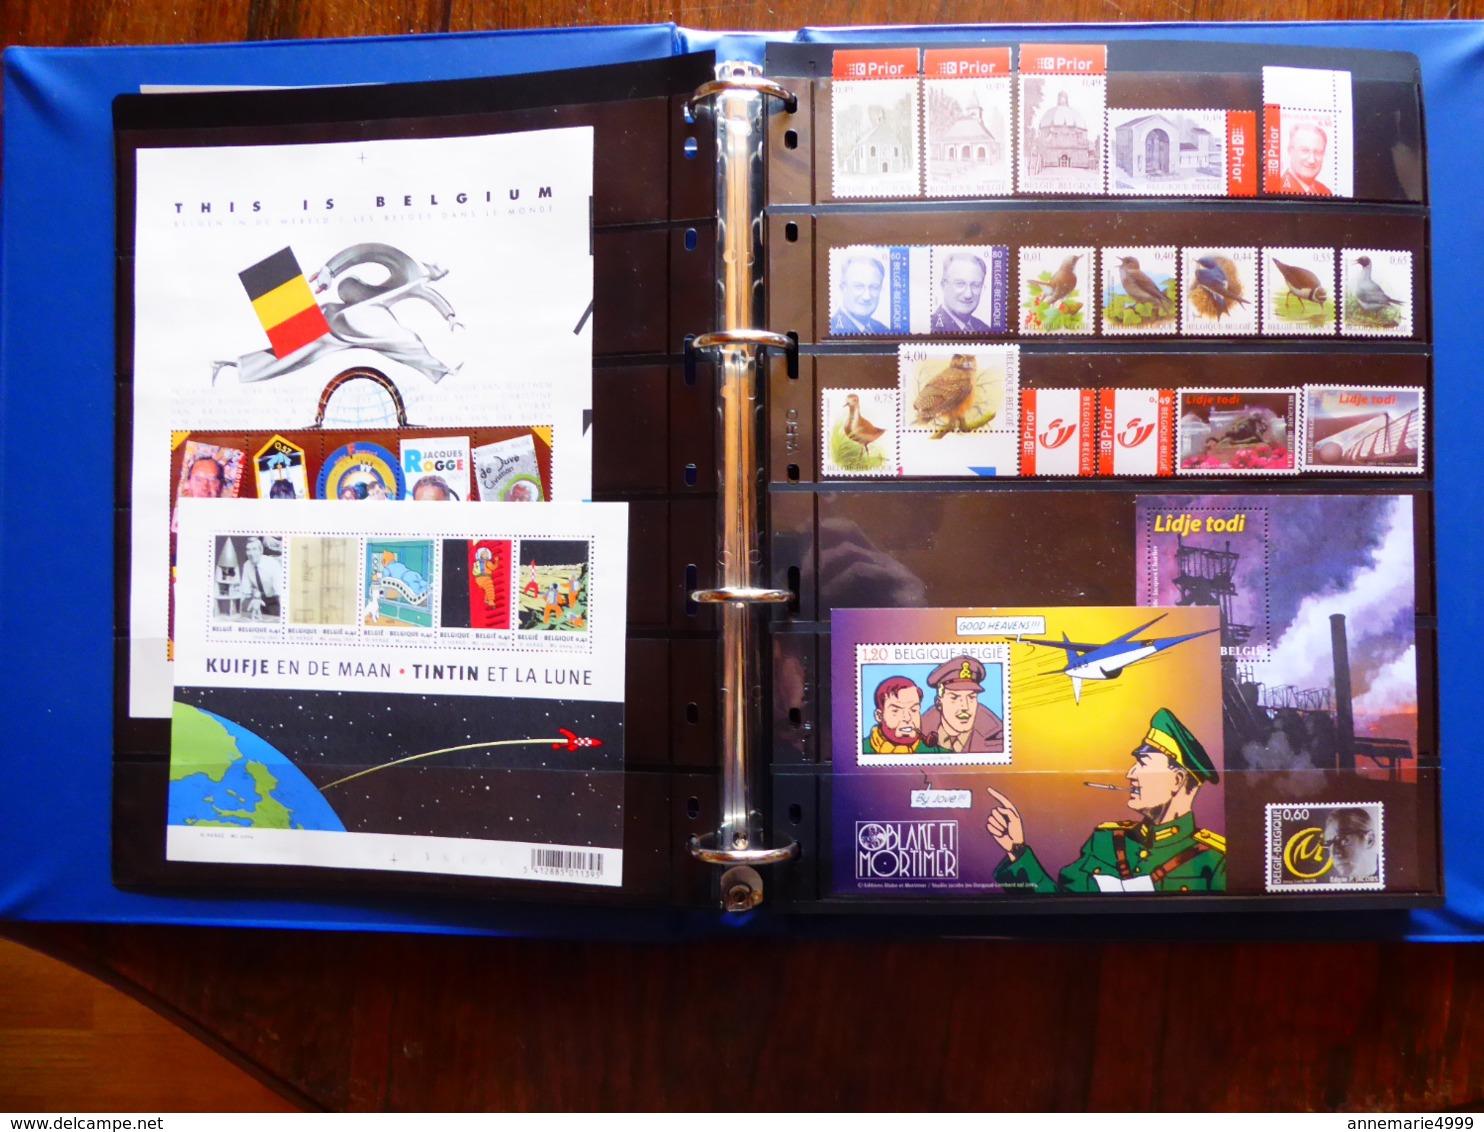 BELGIQUE Collection Avec Blocs 2004 à 2008 Neufs Sans Charnière Faciale 356 € Moins 50 % Voir 16 Scans - Belgium